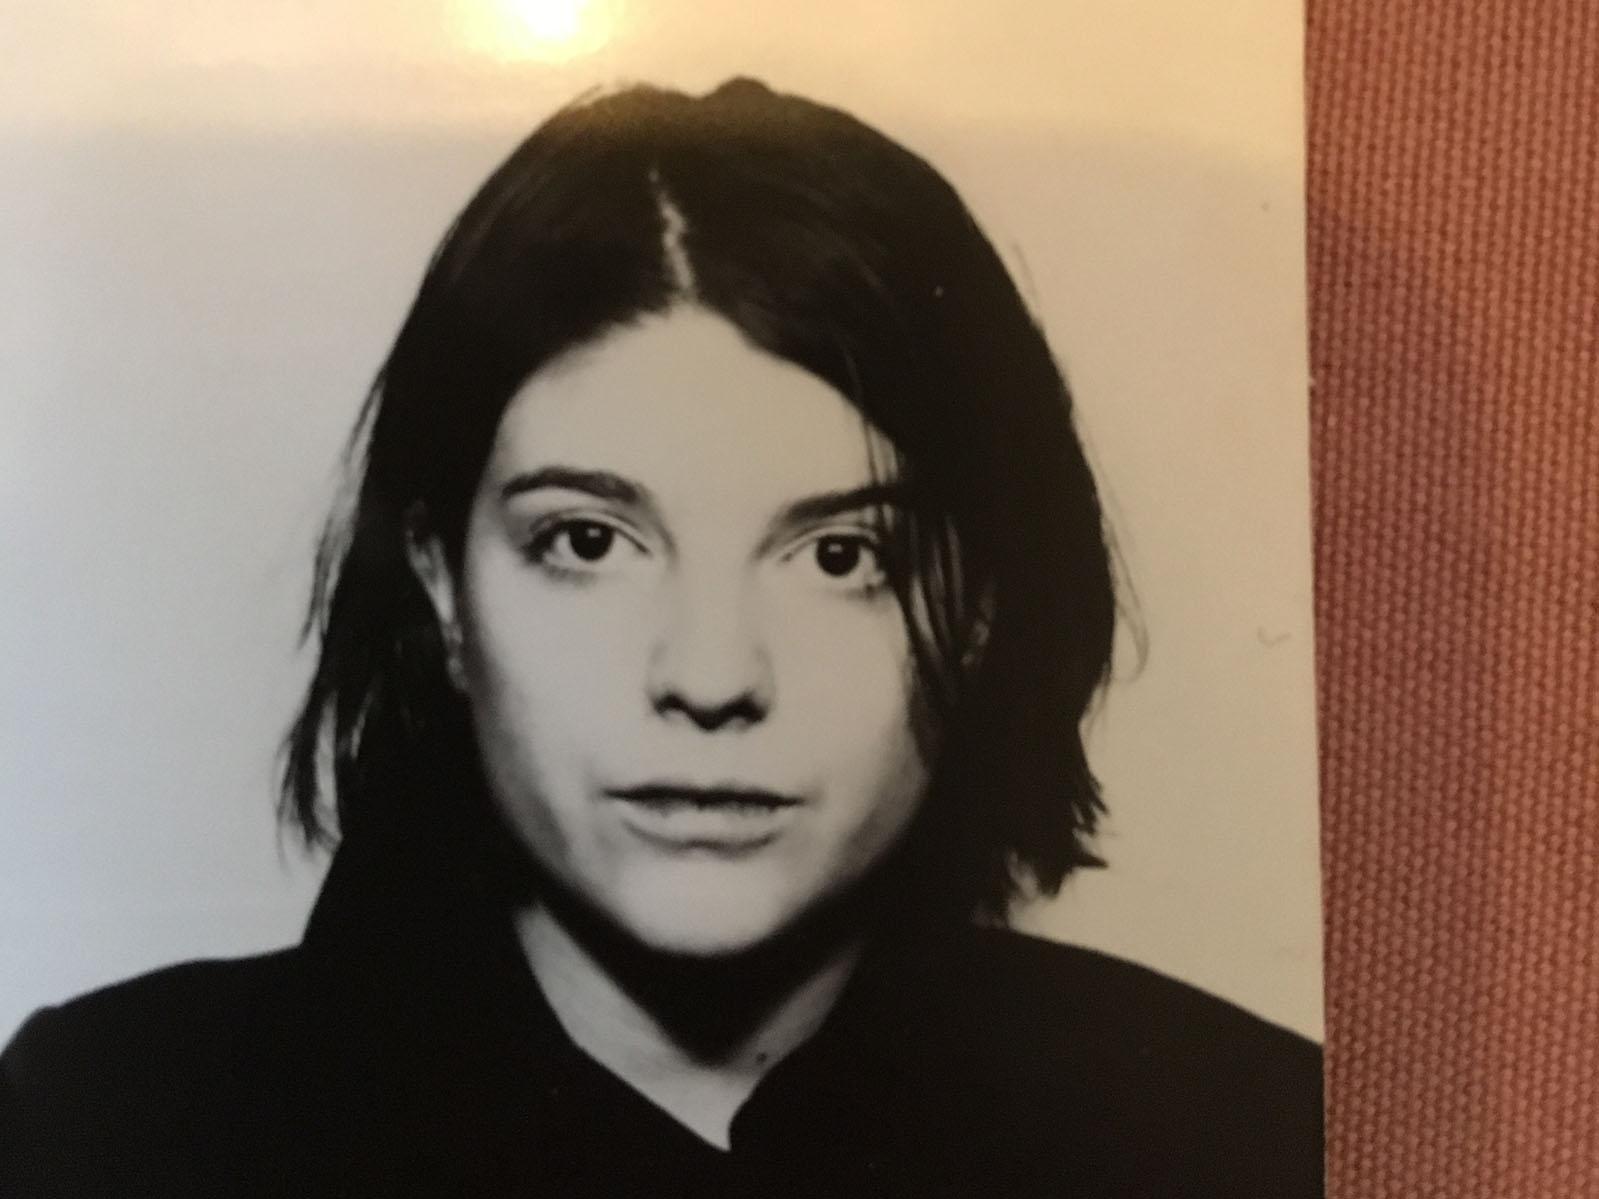 Die 90er Jahre waren hart. aber für 1 Stutz gabs 4 kultige Passfotos. 1997.